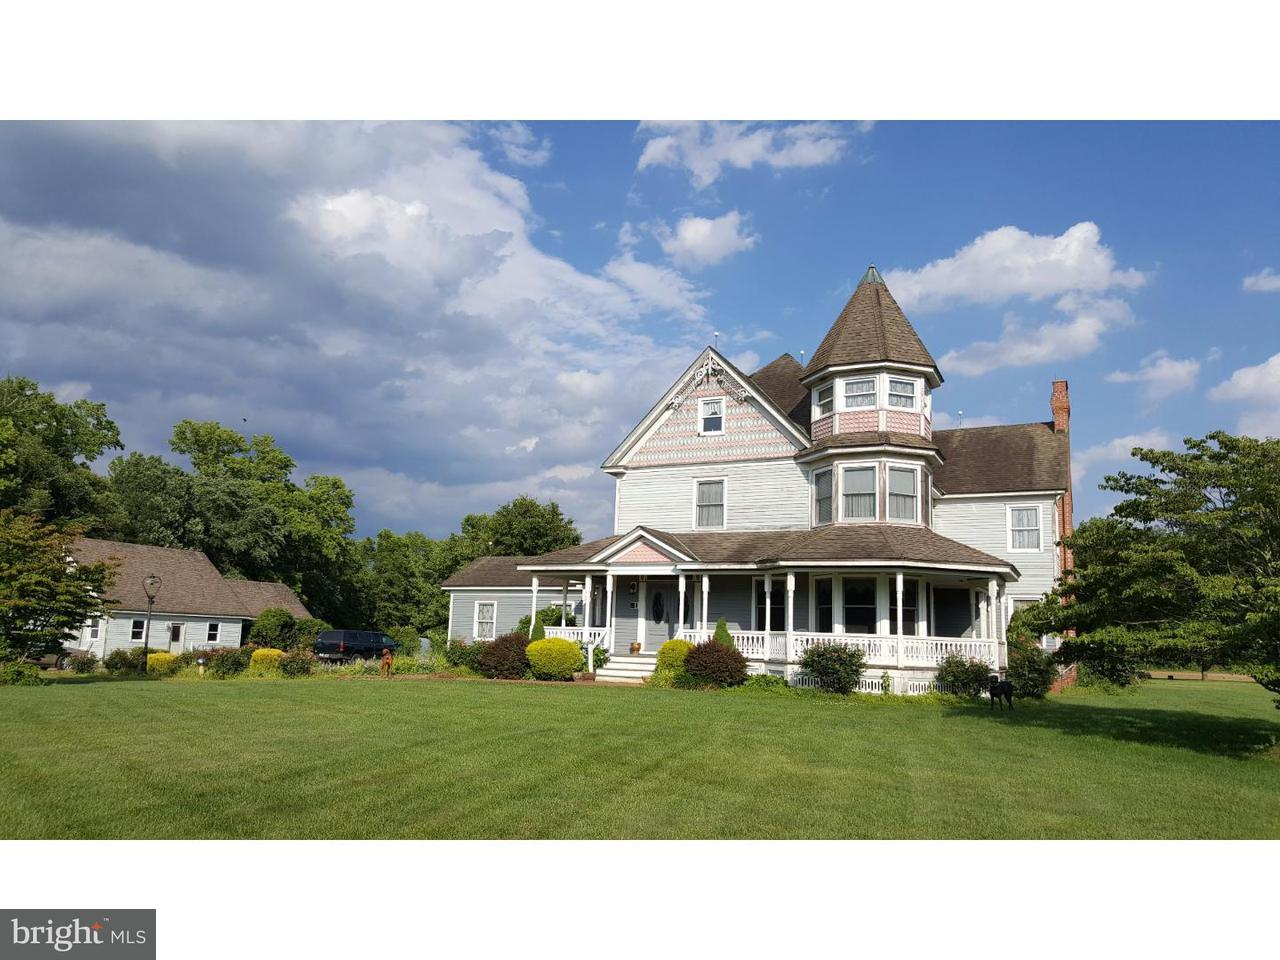 Casa Unifamiliar por un Venta en 380 PINE TAVERN Road Monroeville, Nueva Jersey 08343 Estados Unidos